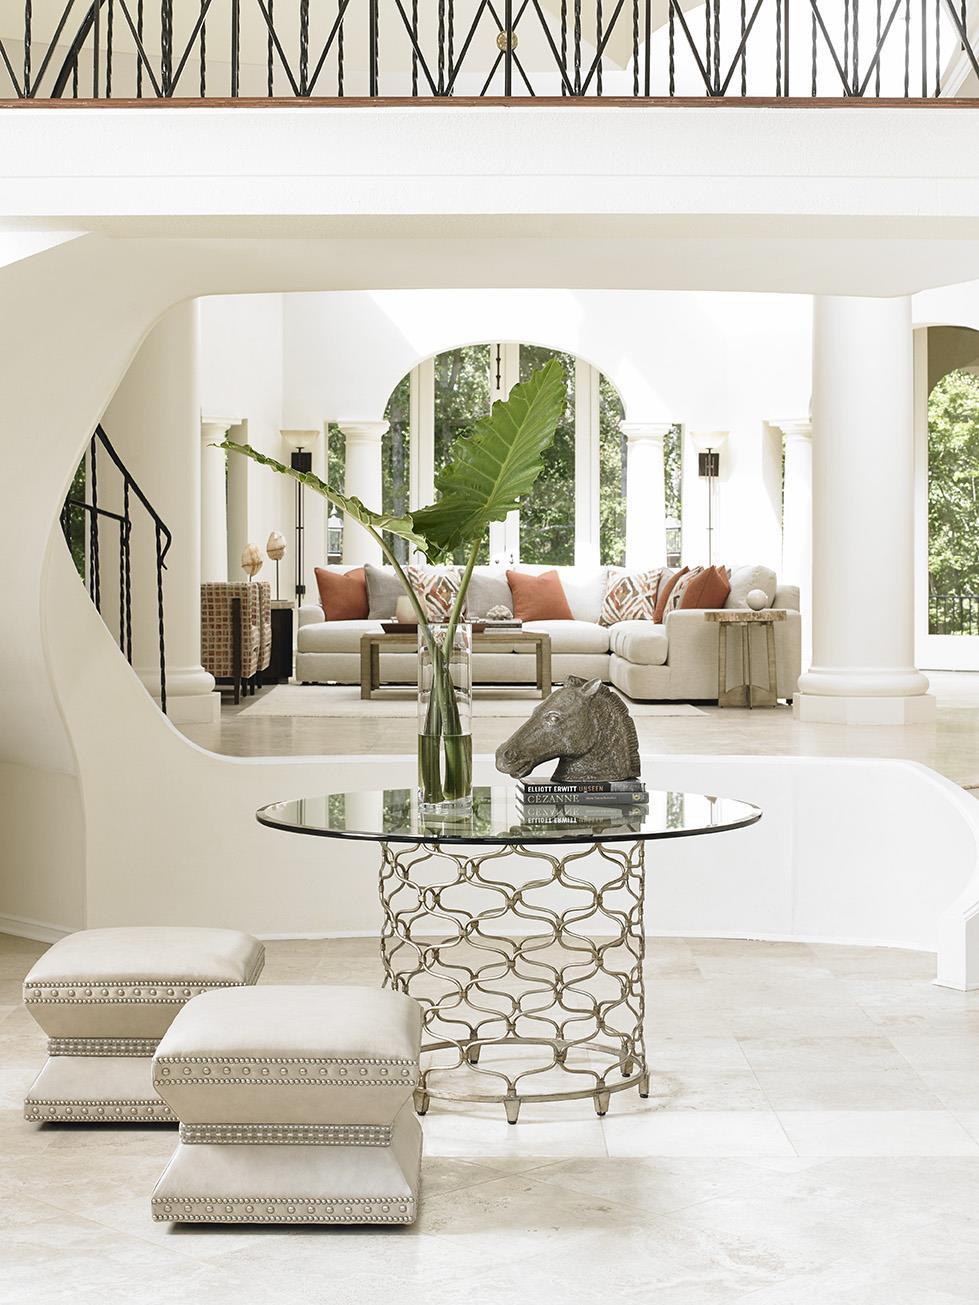 LAUREL CANYON 721 by Lexington Baer s Furniture